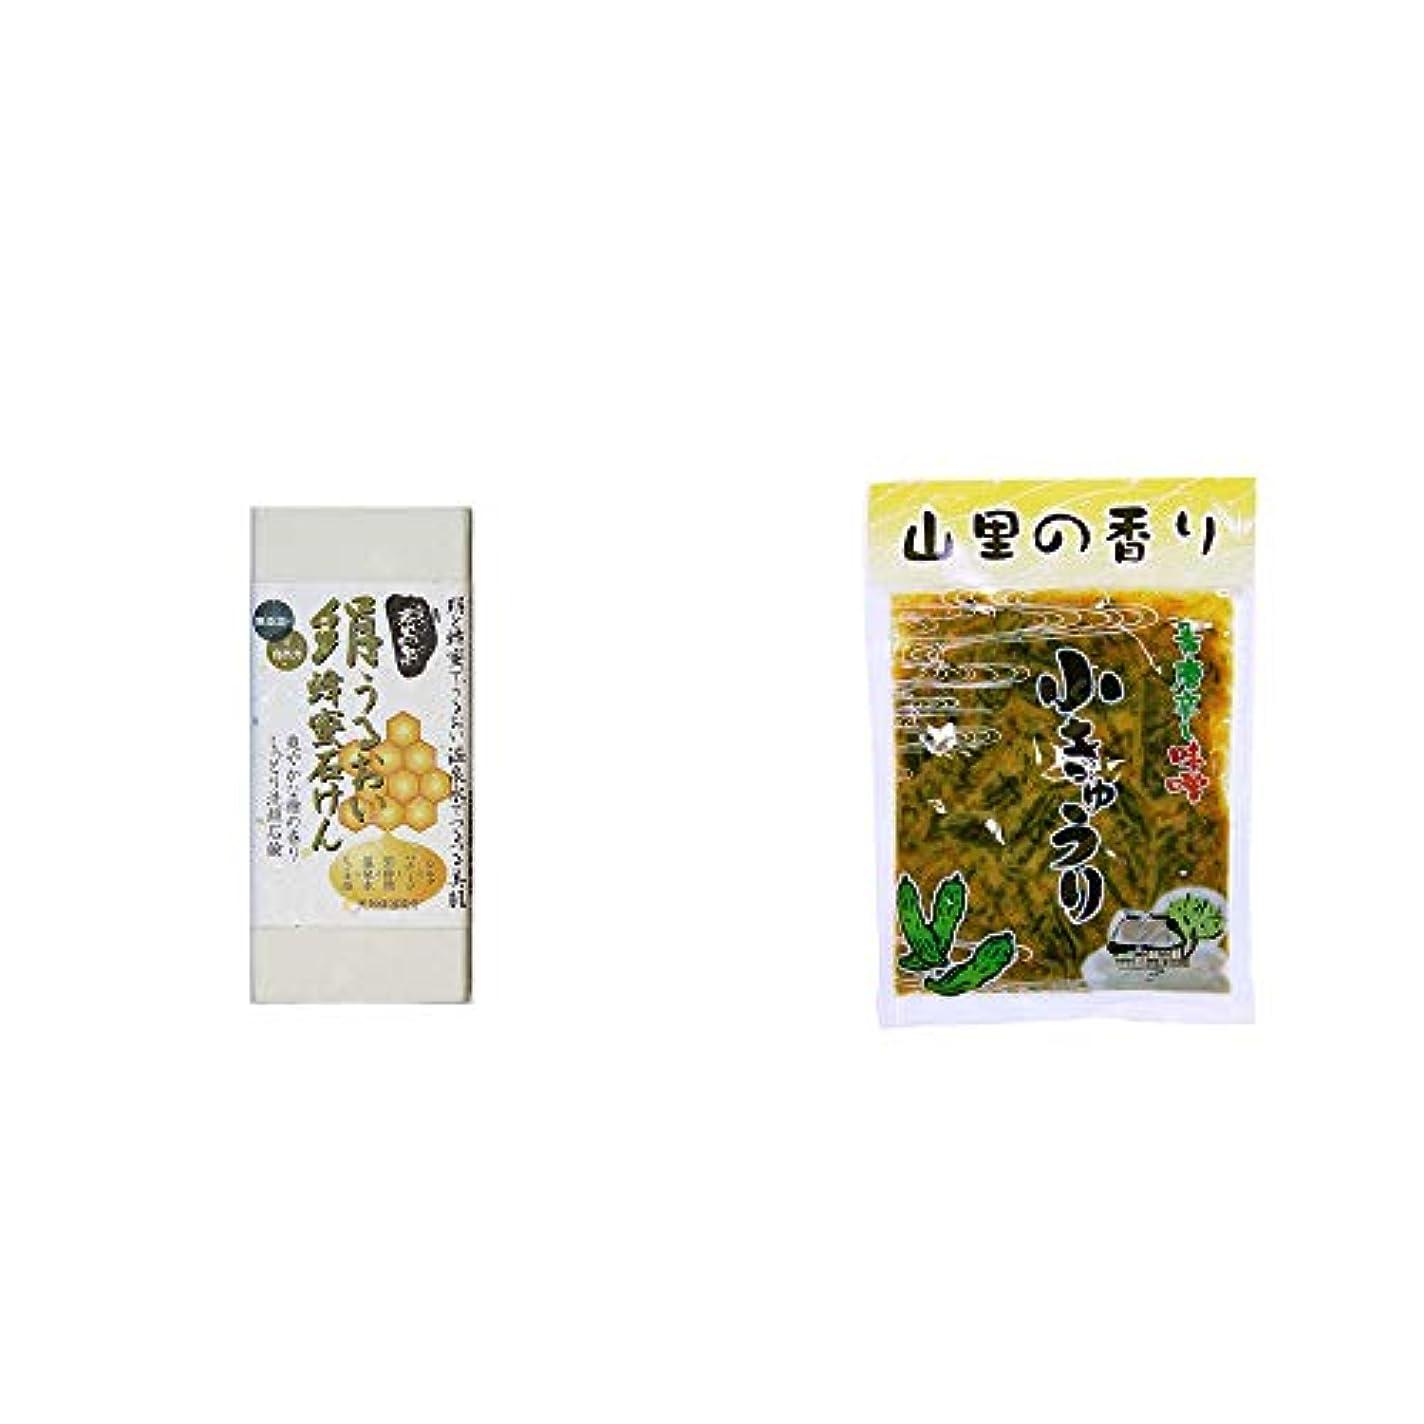 チューリップロケット暫定[2点セット] ひのき炭黒泉 絹うるおい蜂蜜石けん(75g×2)?山里の香り 青唐辛し味噌 小きゅうり(250g)